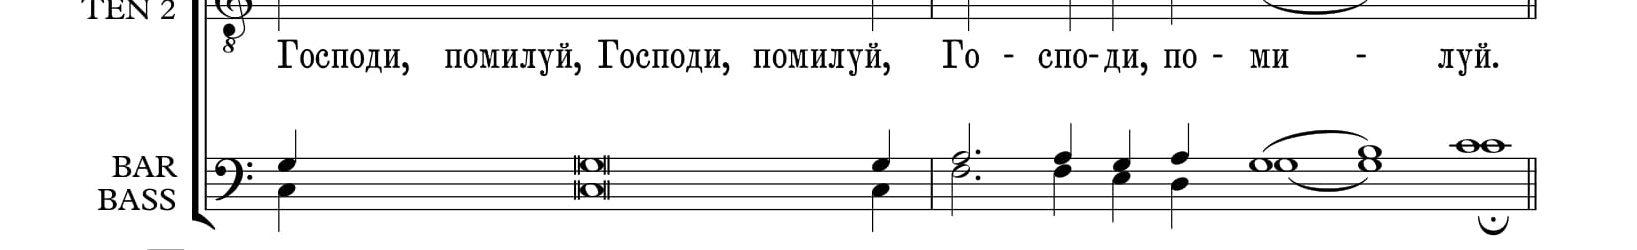 Ектения на Литии (М,П,)